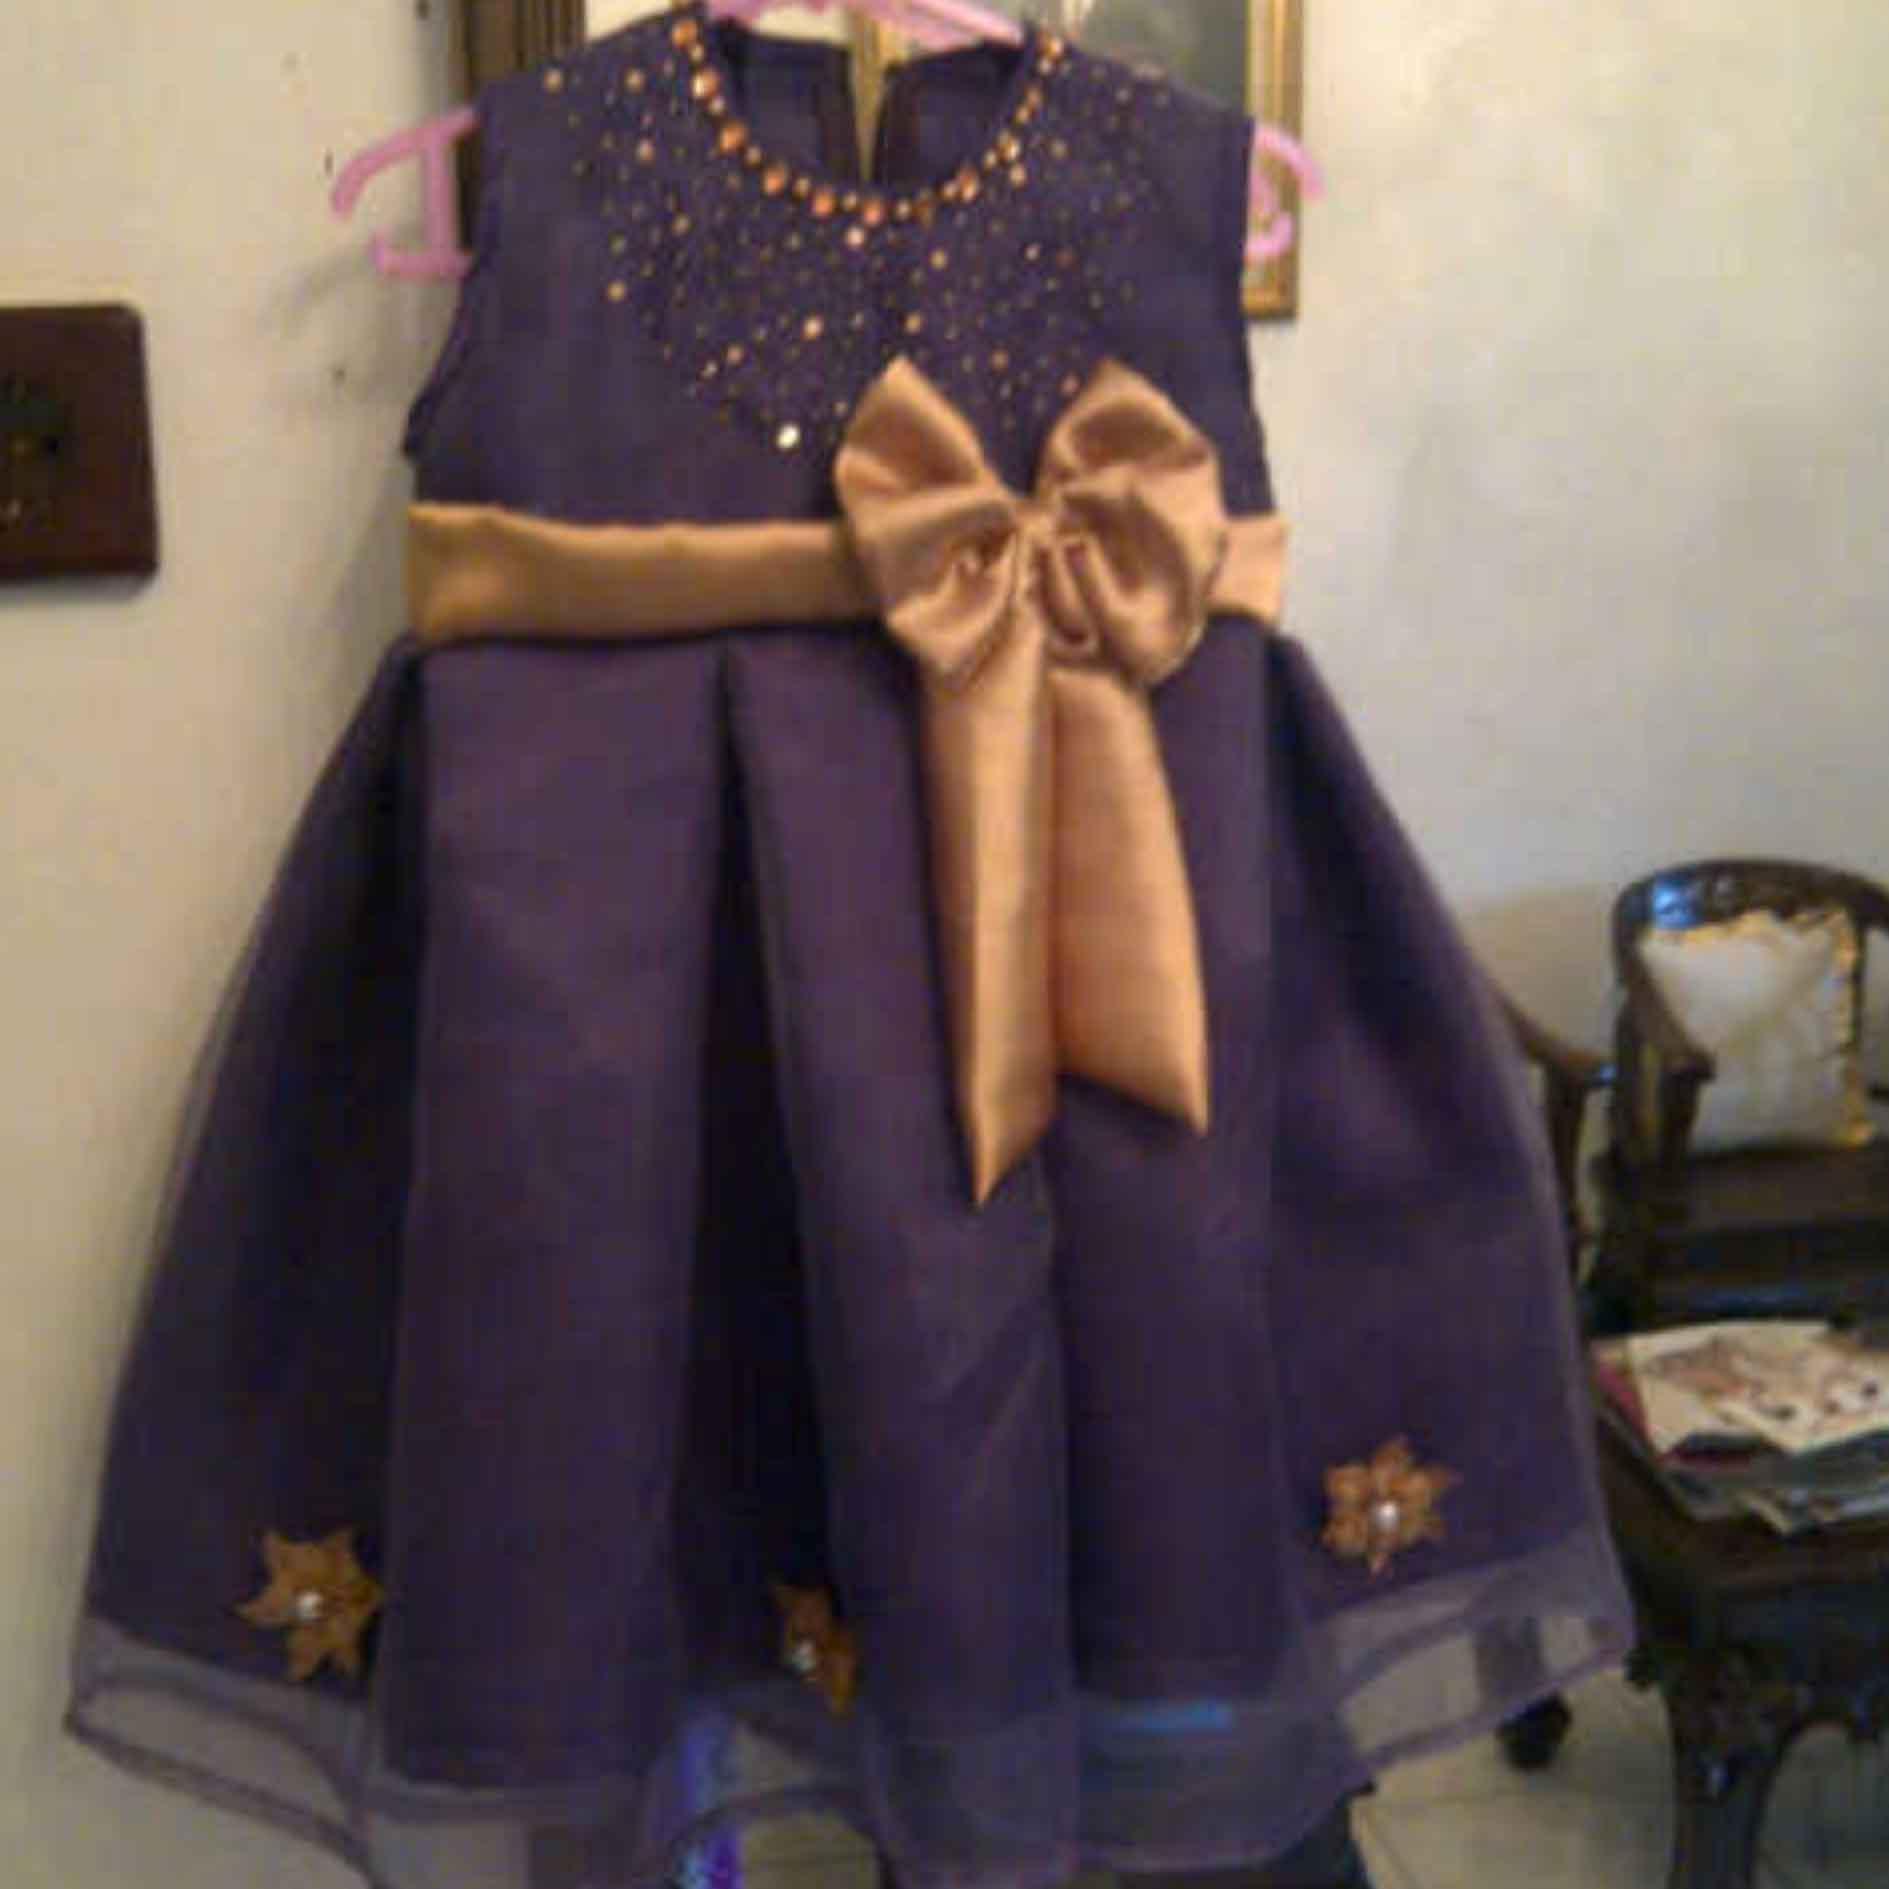 Baju Pesta Anak 22 Ibu Ira 0811254451 Grosir Baju Pesta Anak